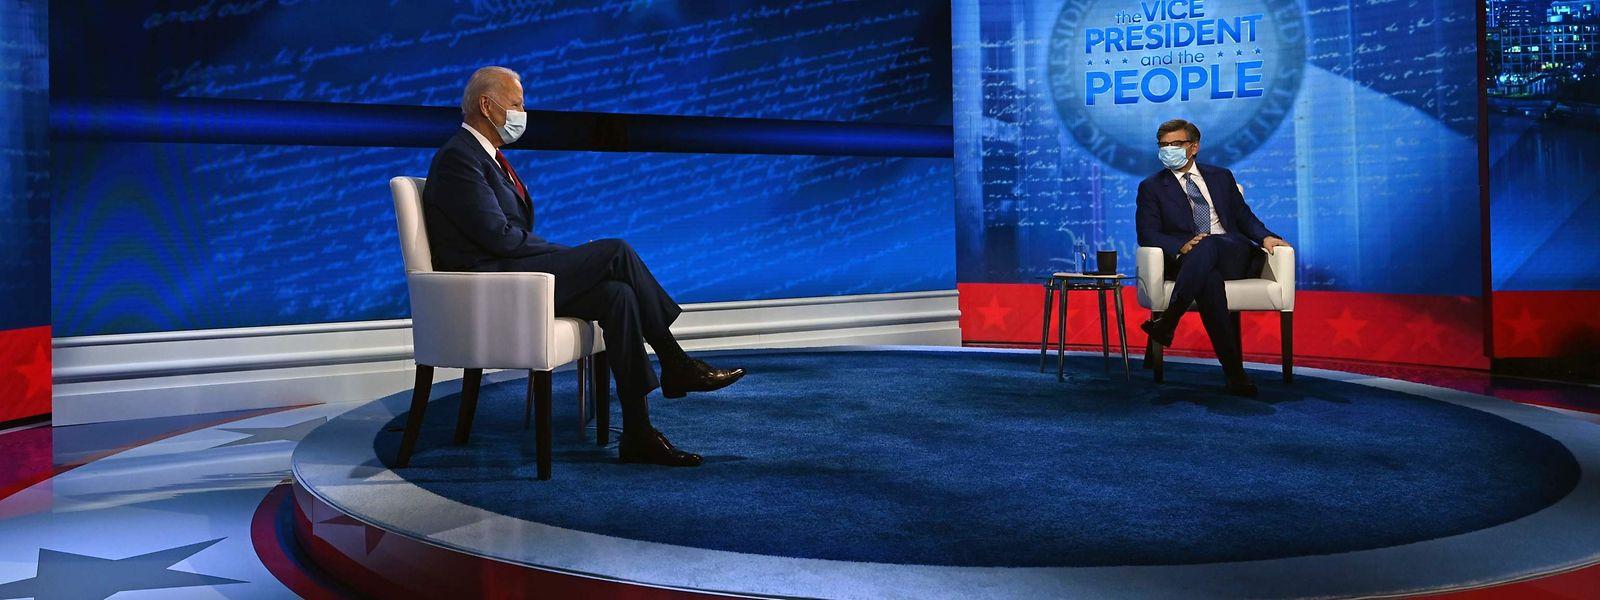 Joe Biden und Moderator George Stephanopoulos während einer TV-Debatte mit Bürgern in Philadelphia.